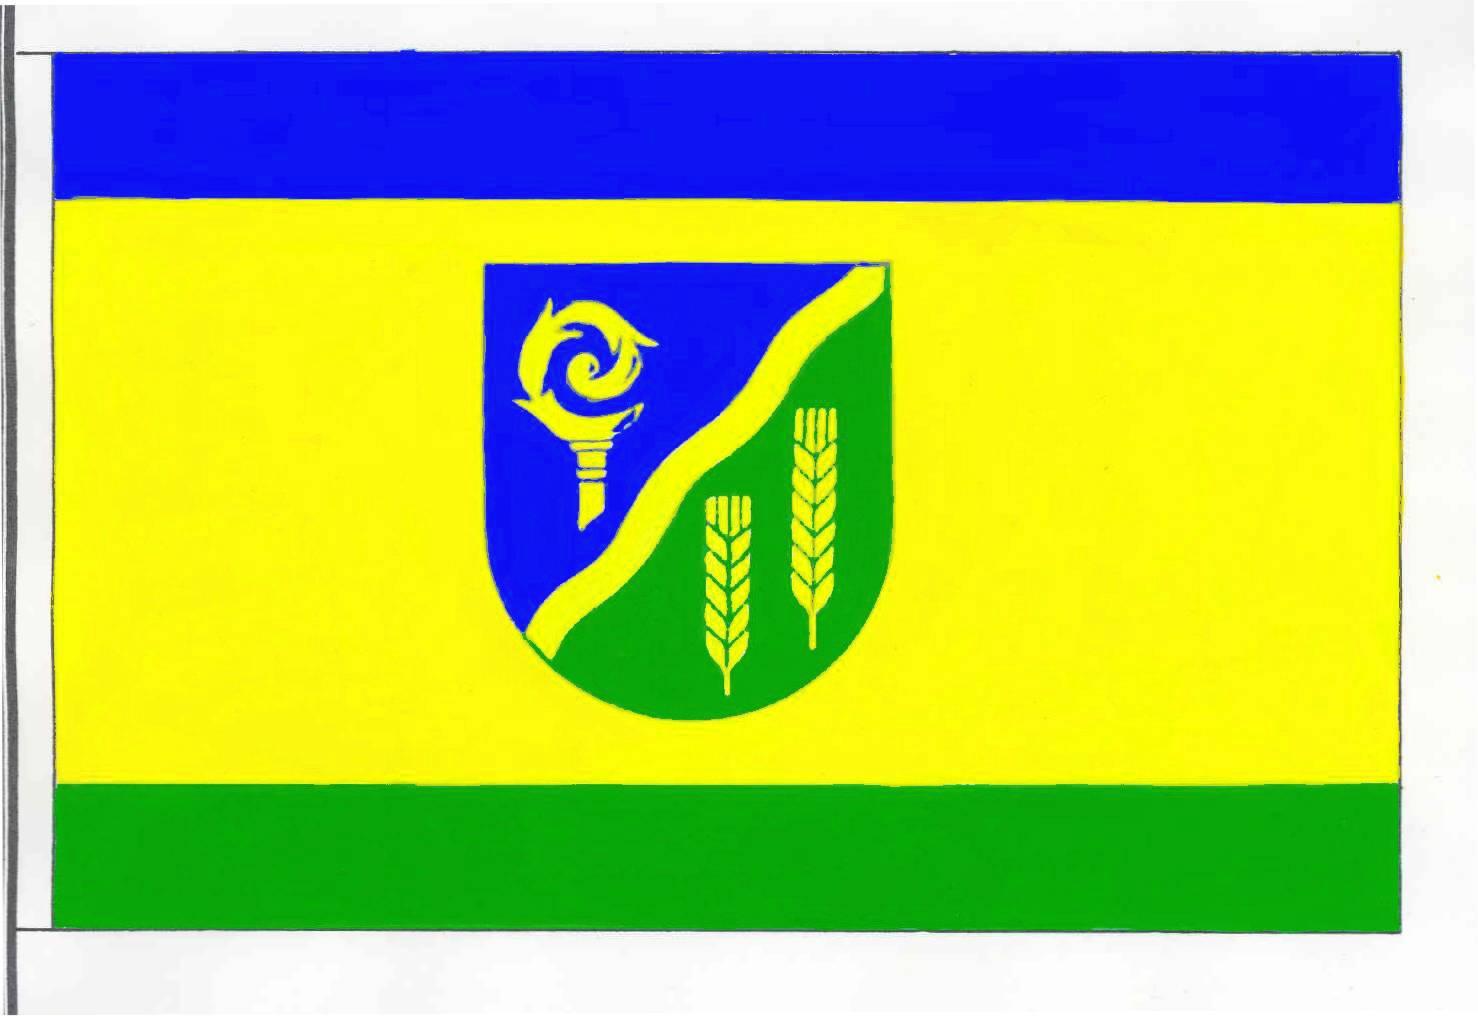 Flagge GemeindePrasdorf, Kreis Plön